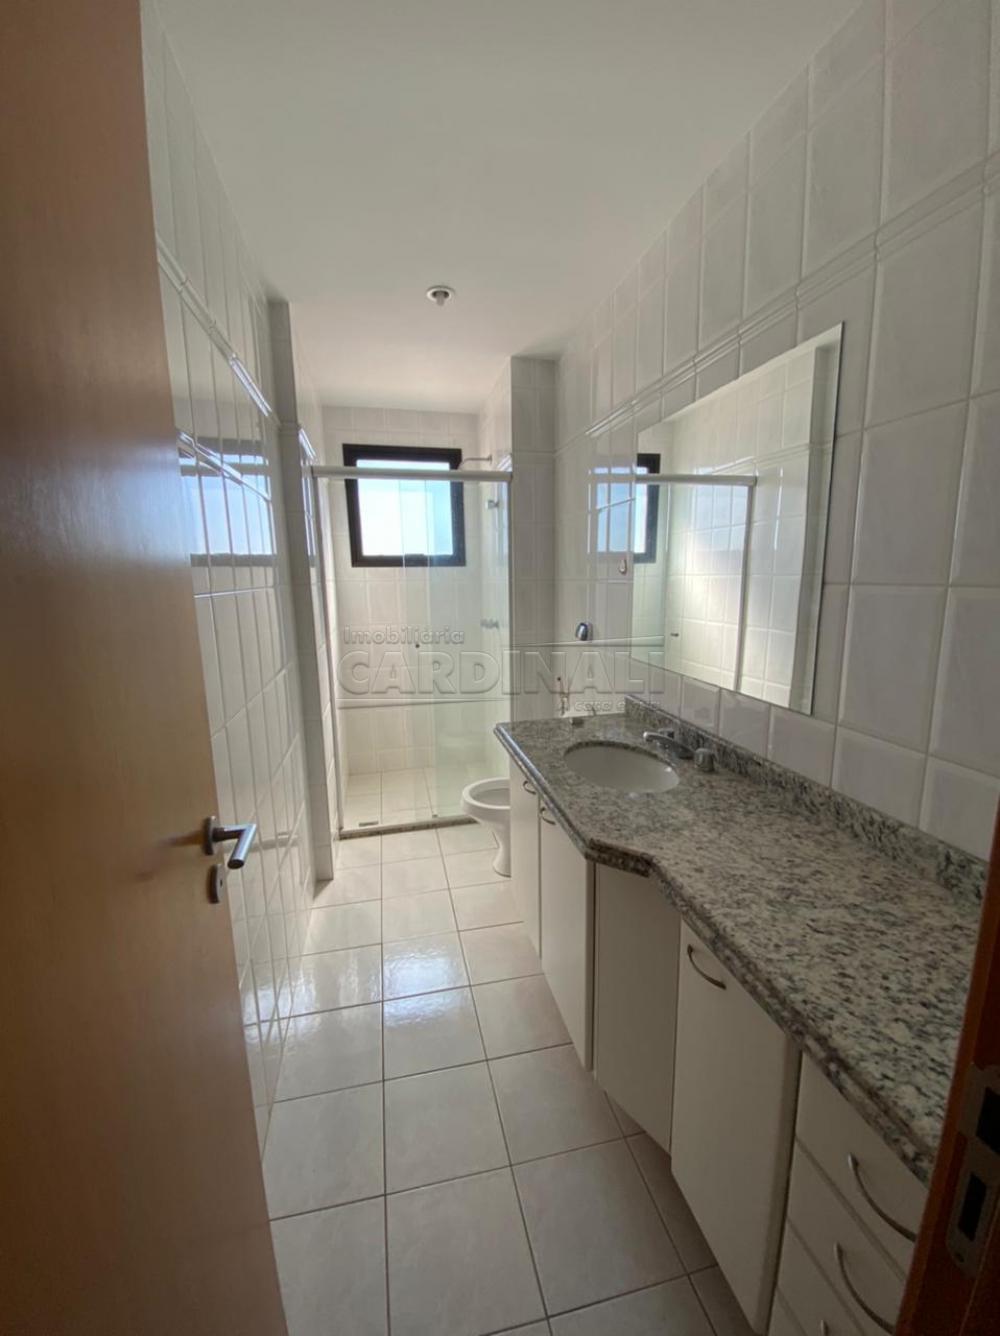 Alugar Apartamento / Padrão em São Carlos R$ 1.778,00 - Foto 6